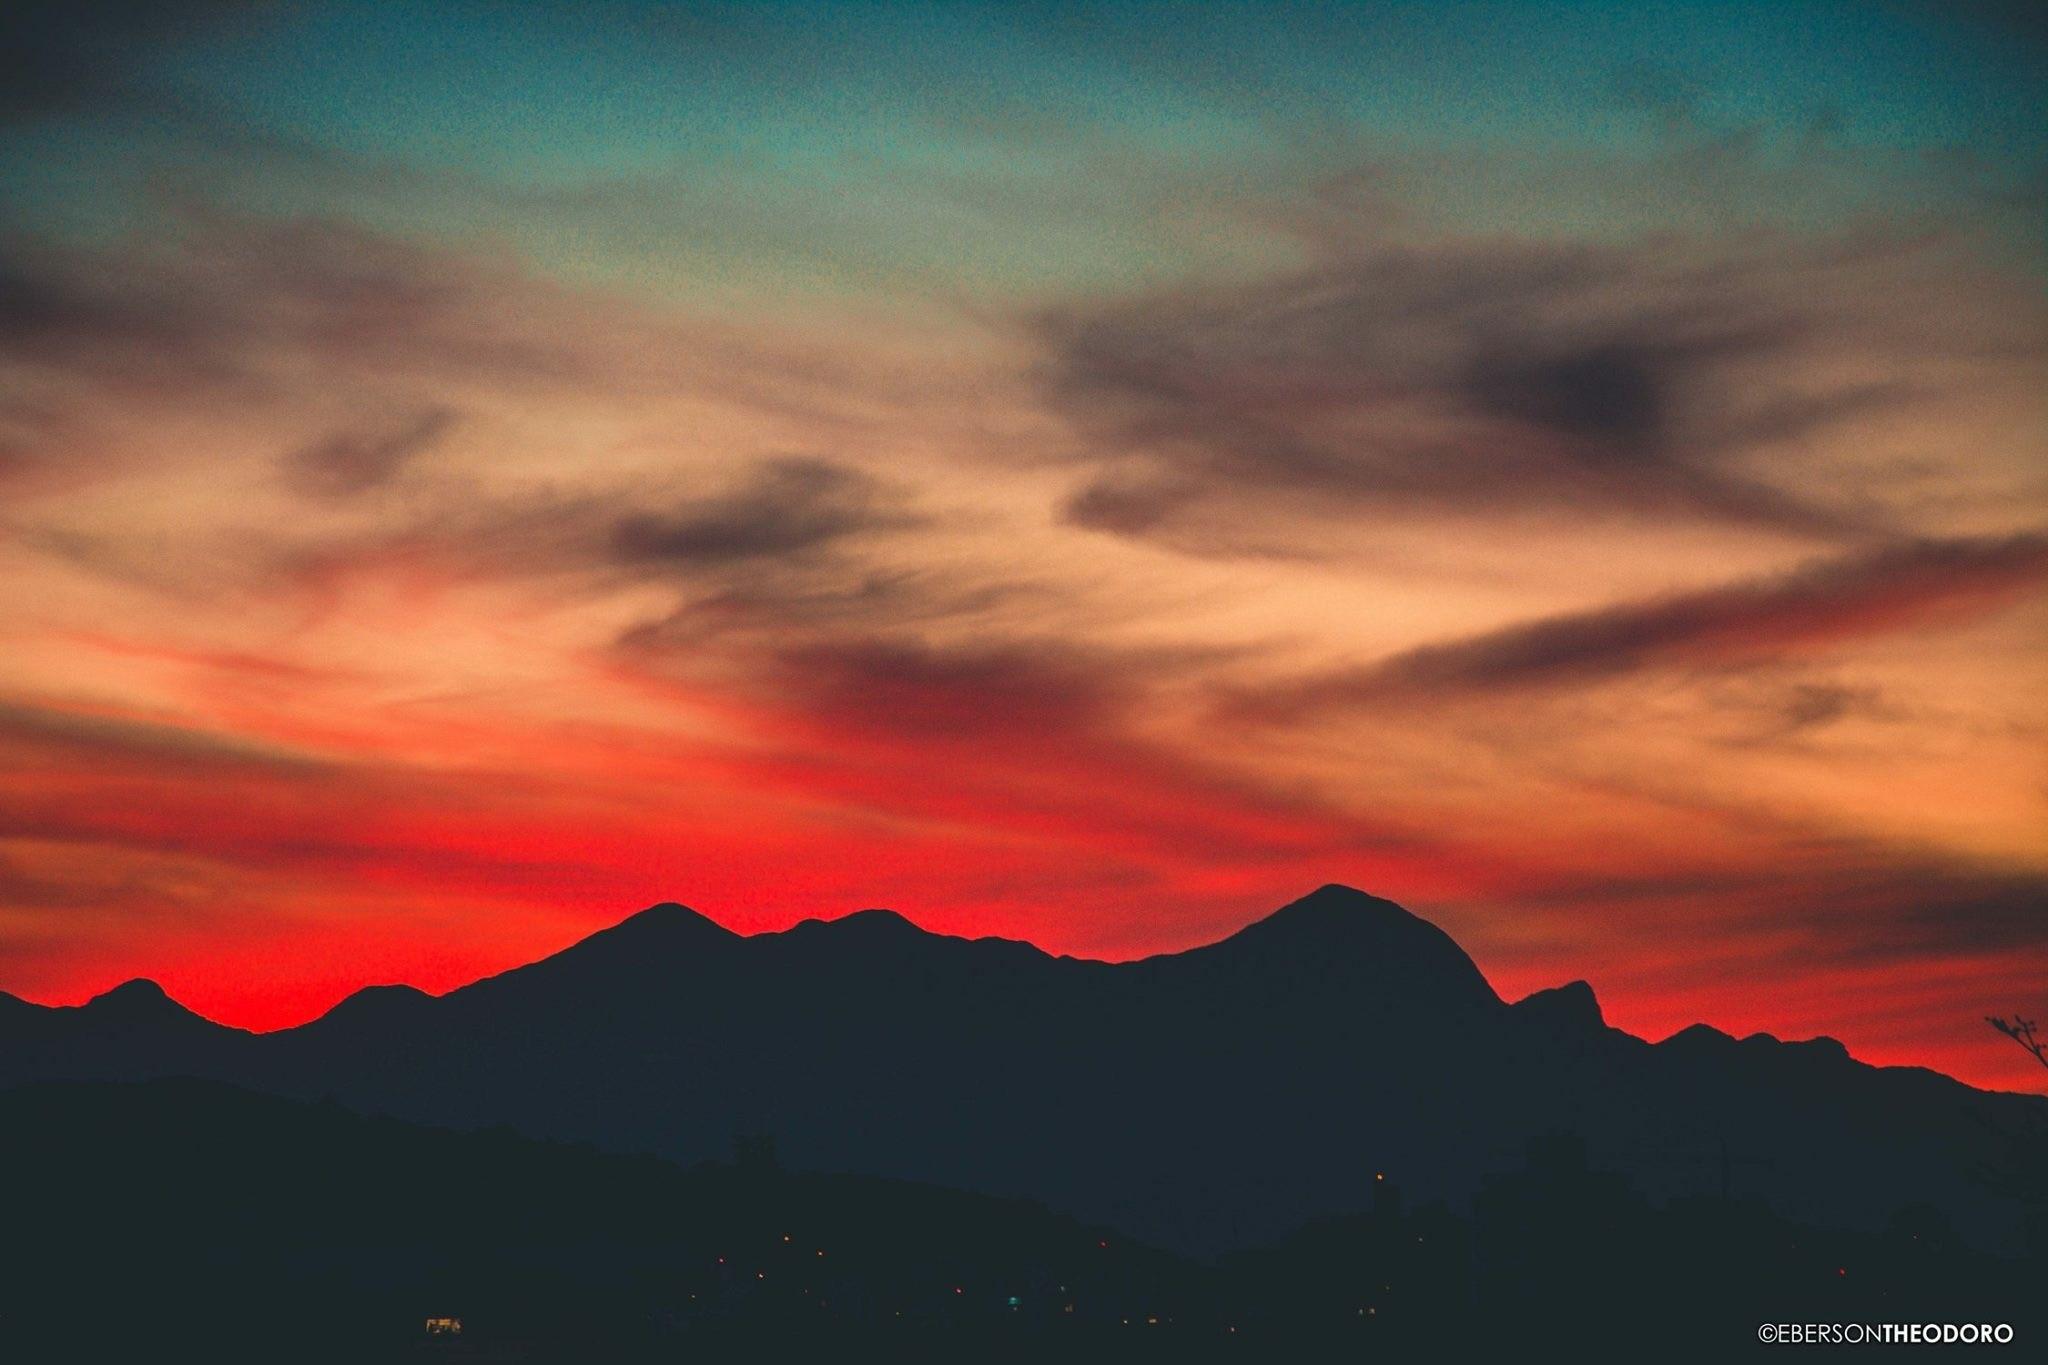 O pôr do sol em Joinville nesta quarta-feira foi digno de cartão postal. O click foi feito no bairro Guanabara, pelo fotógrafo Eberson Theodoro. Ao fundo, Pico Jurapê, Morro Pelado e Castelo dos Bugres | Foto Eberson Theodoro/Arquivo Pessoal